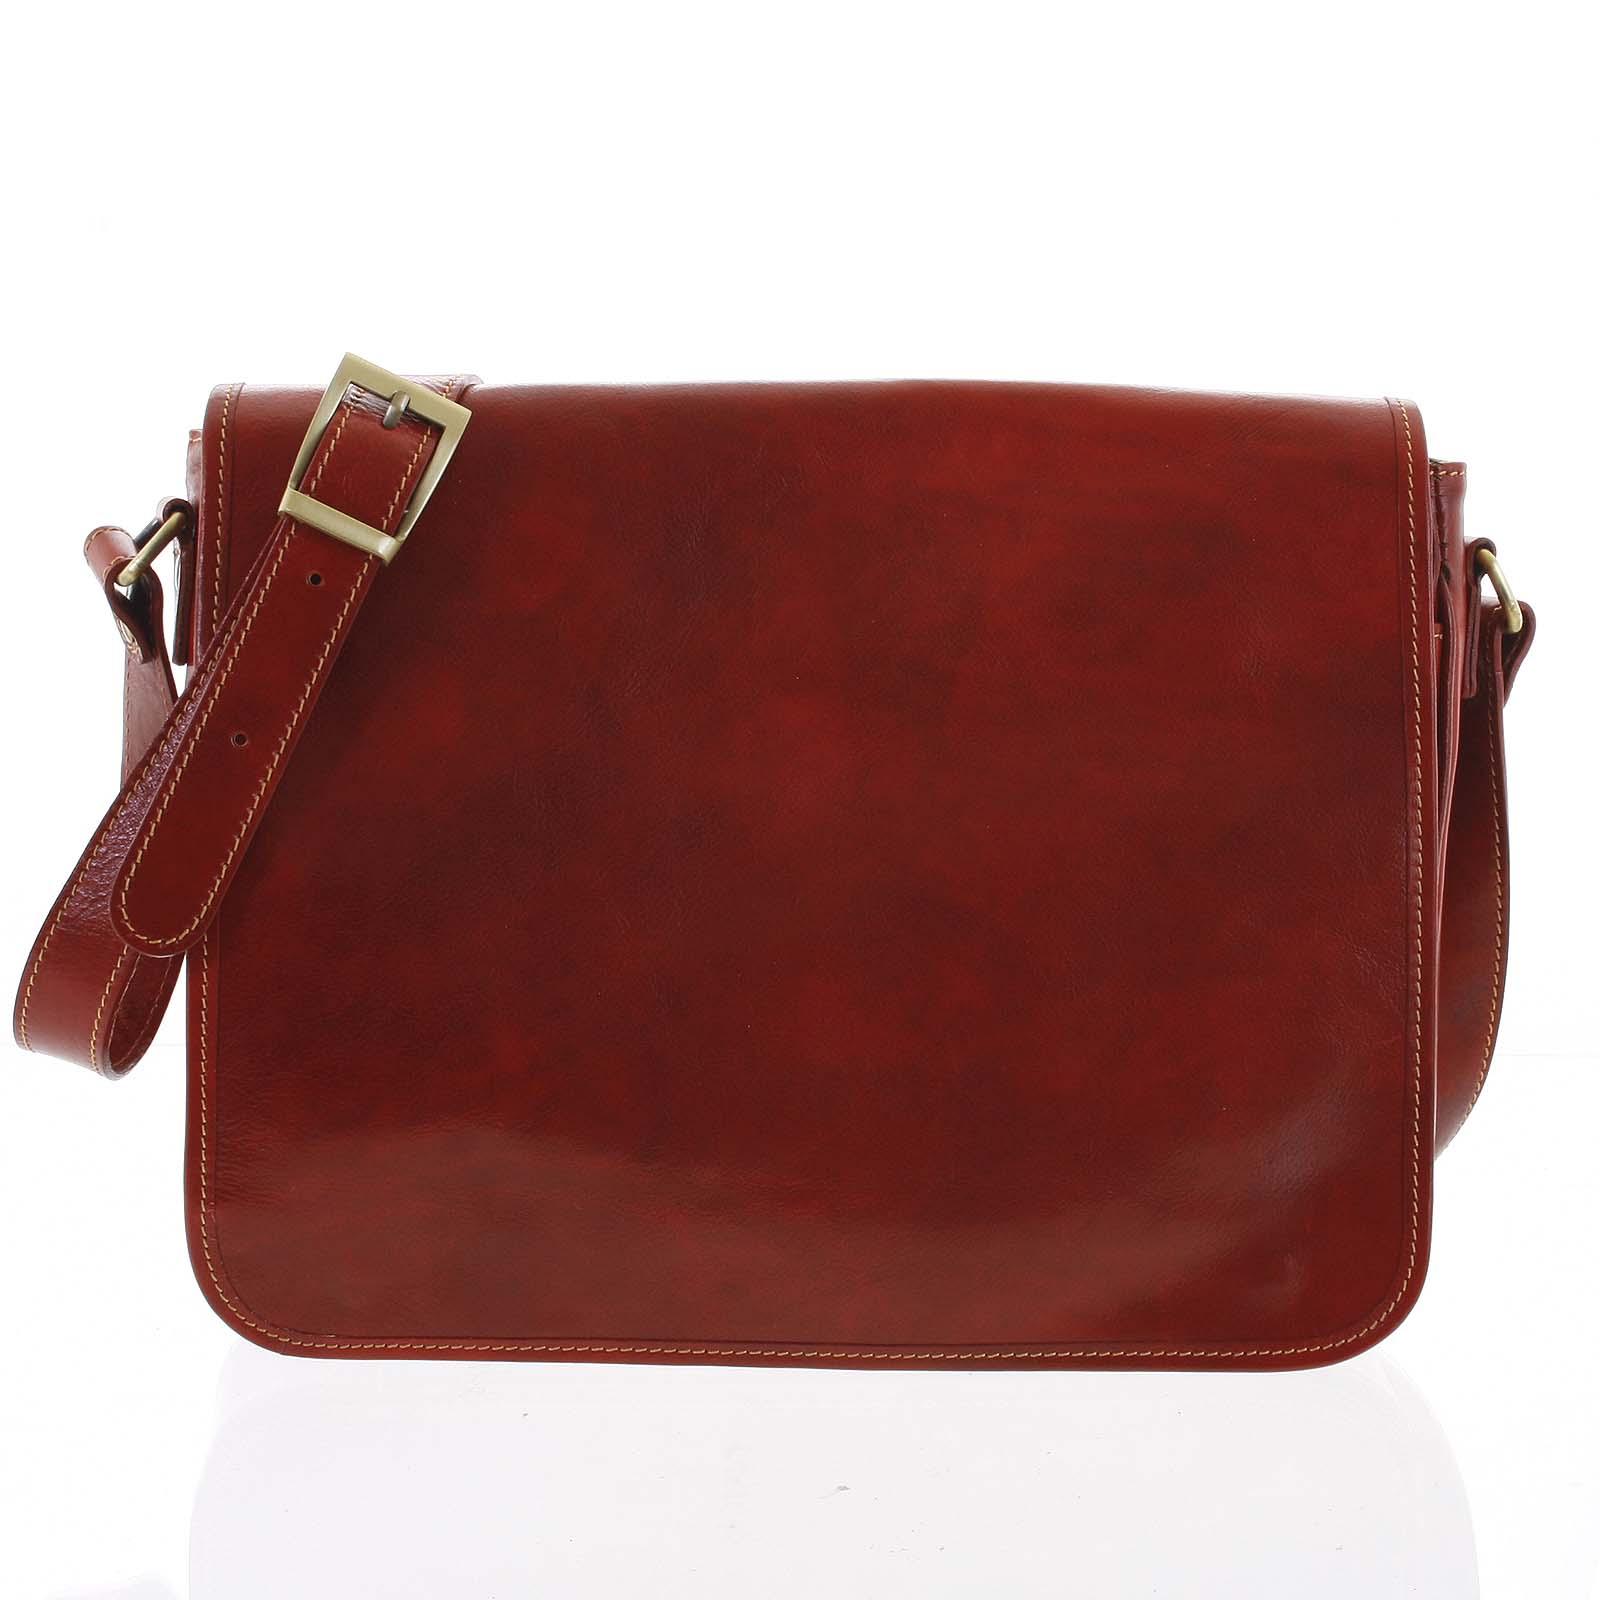 Väčšia pracovná kožená taška červená - ItalY Equado Achilles